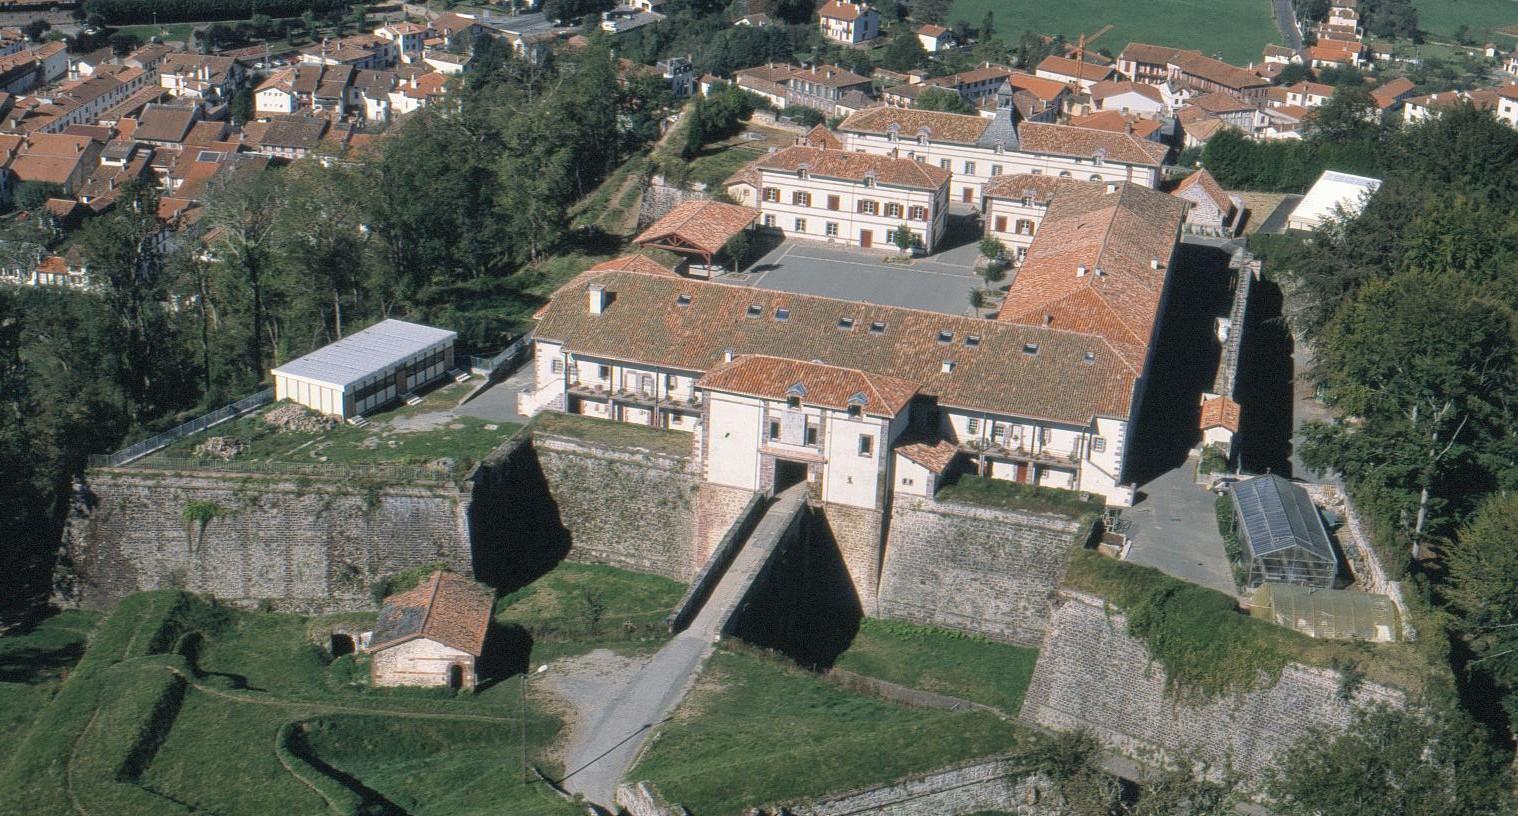 Ciudadela de san juan pie de puerto citadelle de saint jean pied de port la citadelle de - San juan pie de puerto ...